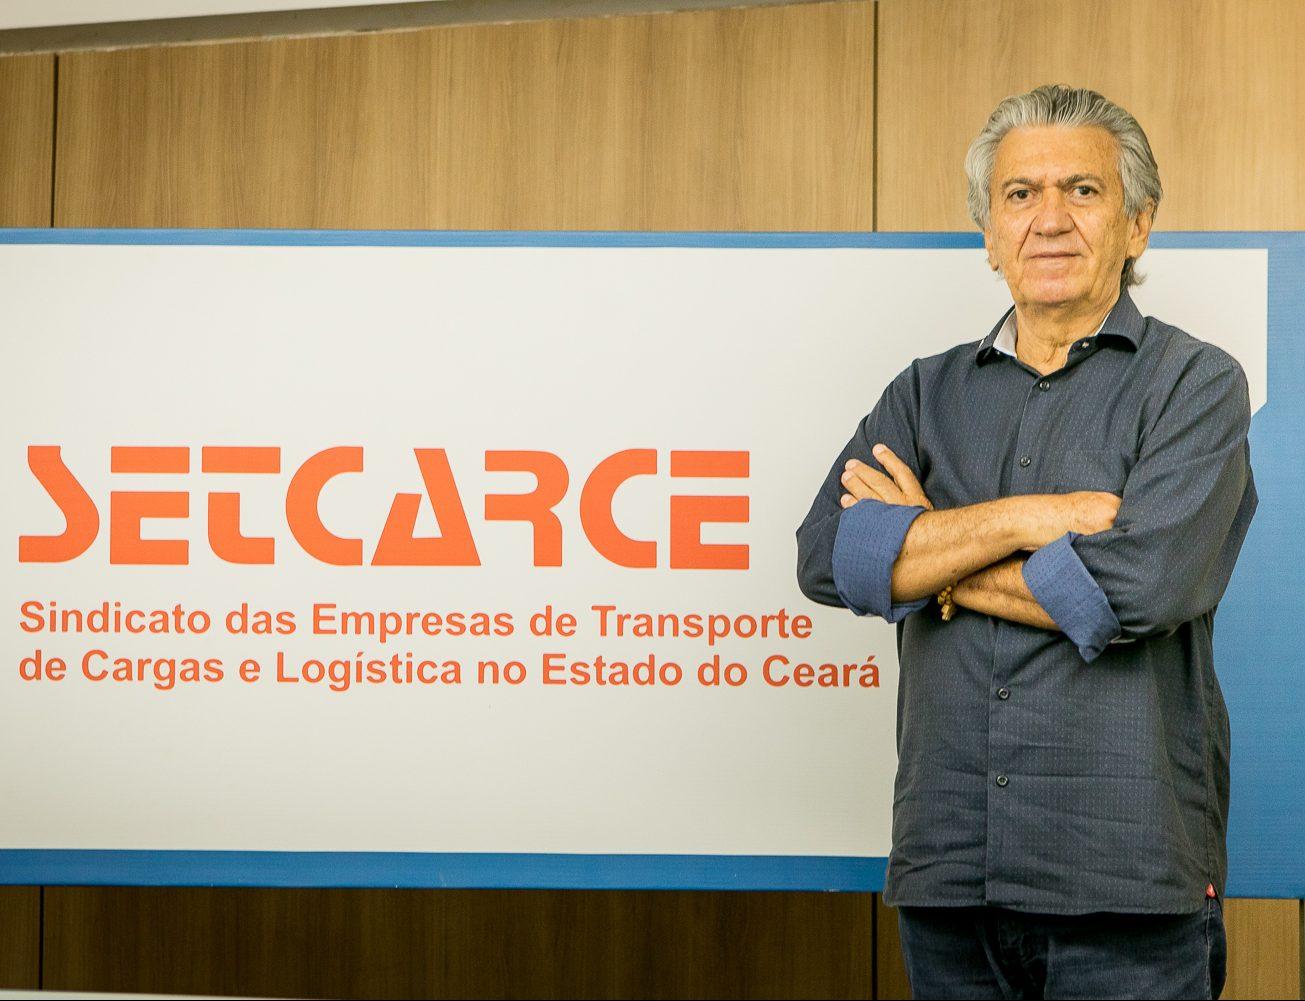 Clóvis Bezerra reeleito para cumprir seu último mandato à frente do Setcarce